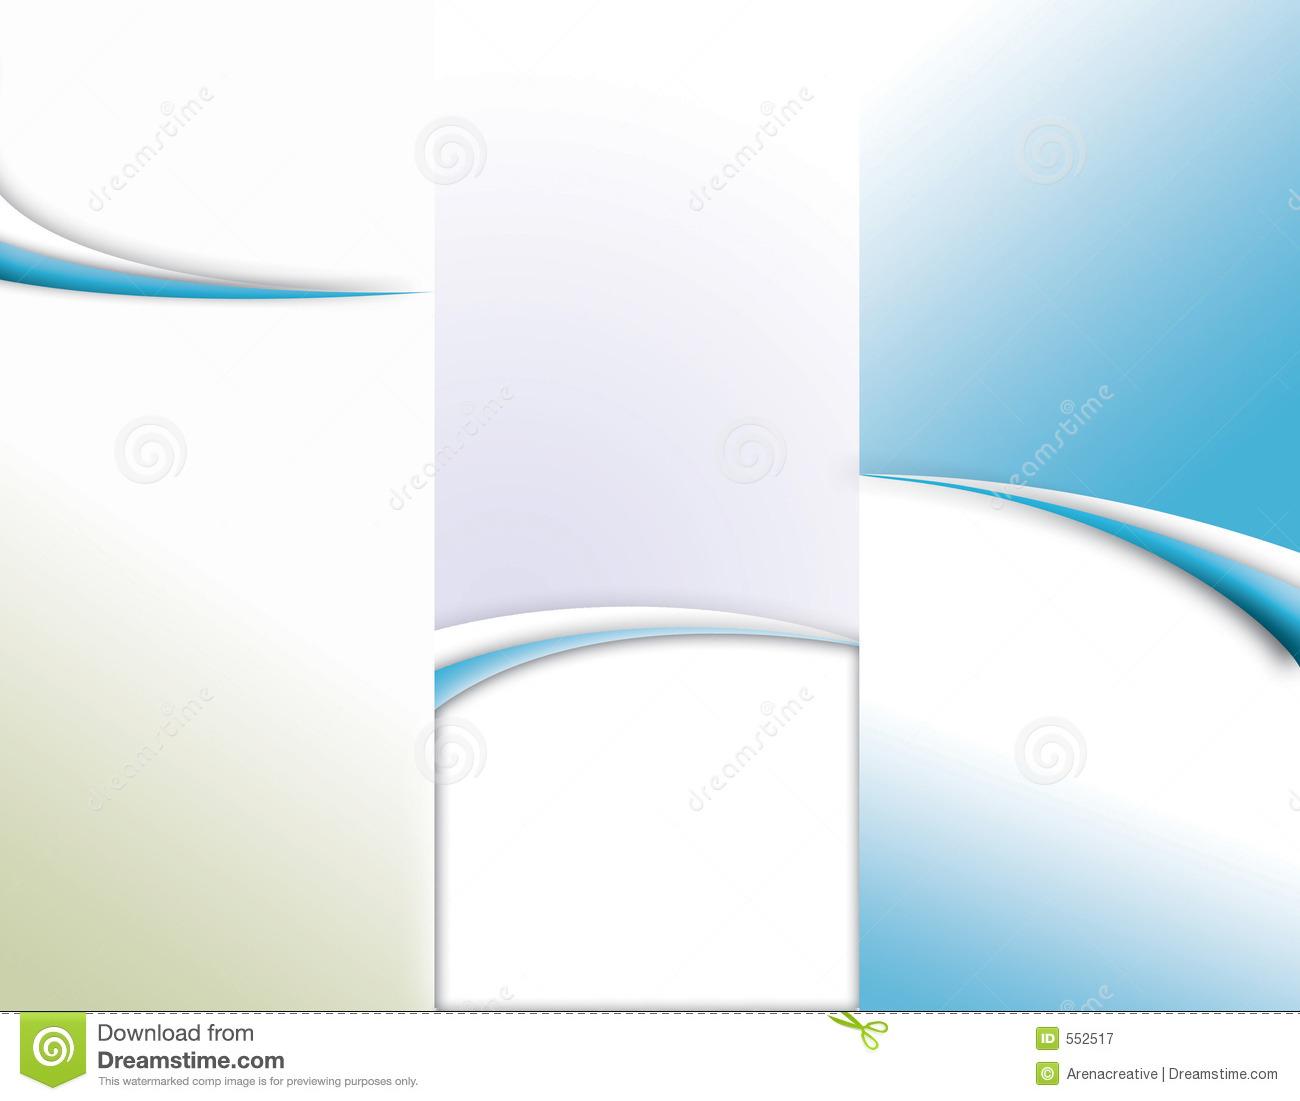 Fold Brochure Template Images Corporate Bi Fold Brochure - 3 folded brochure template